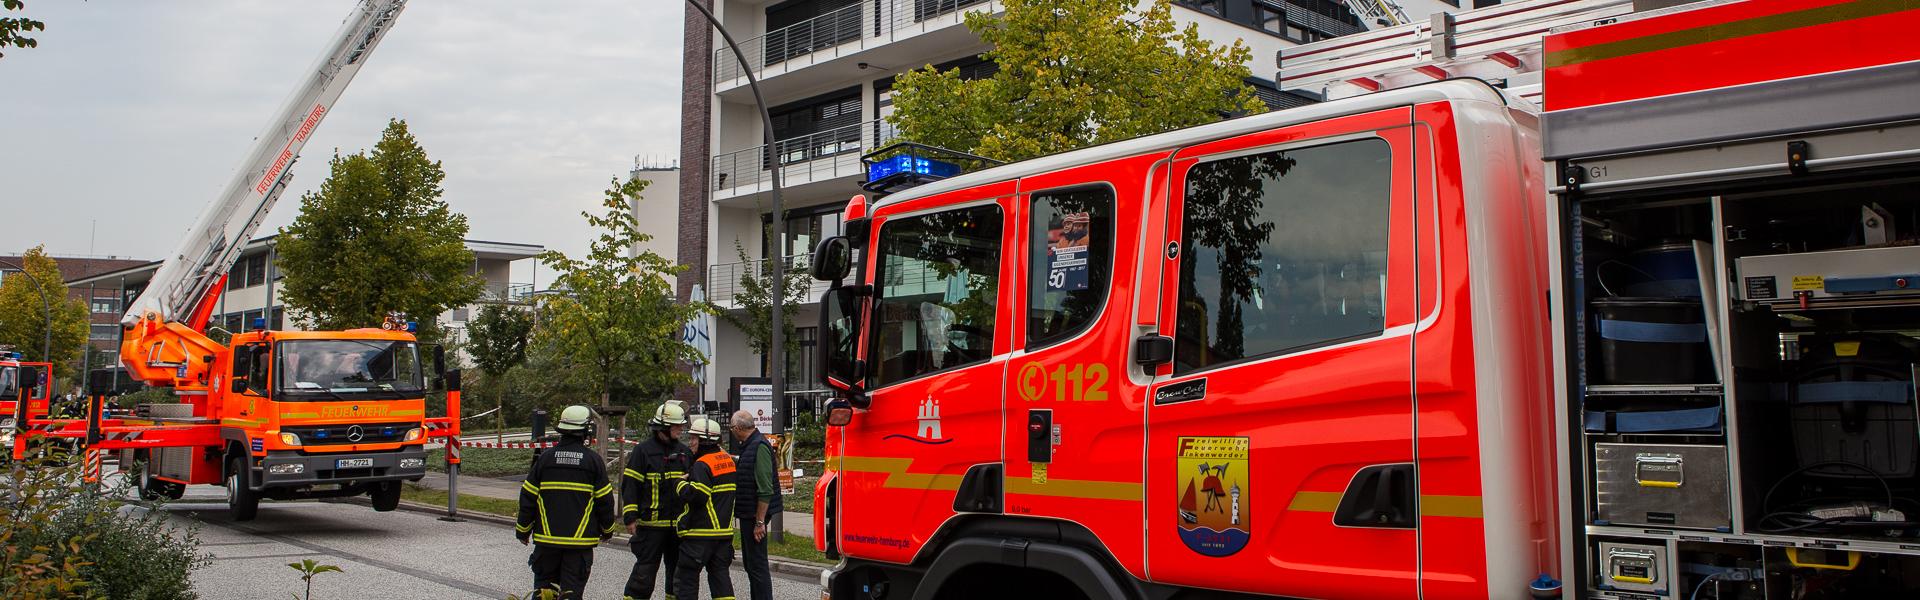 22.09.2017 – Feuer im Europa-Center Finkenwerder